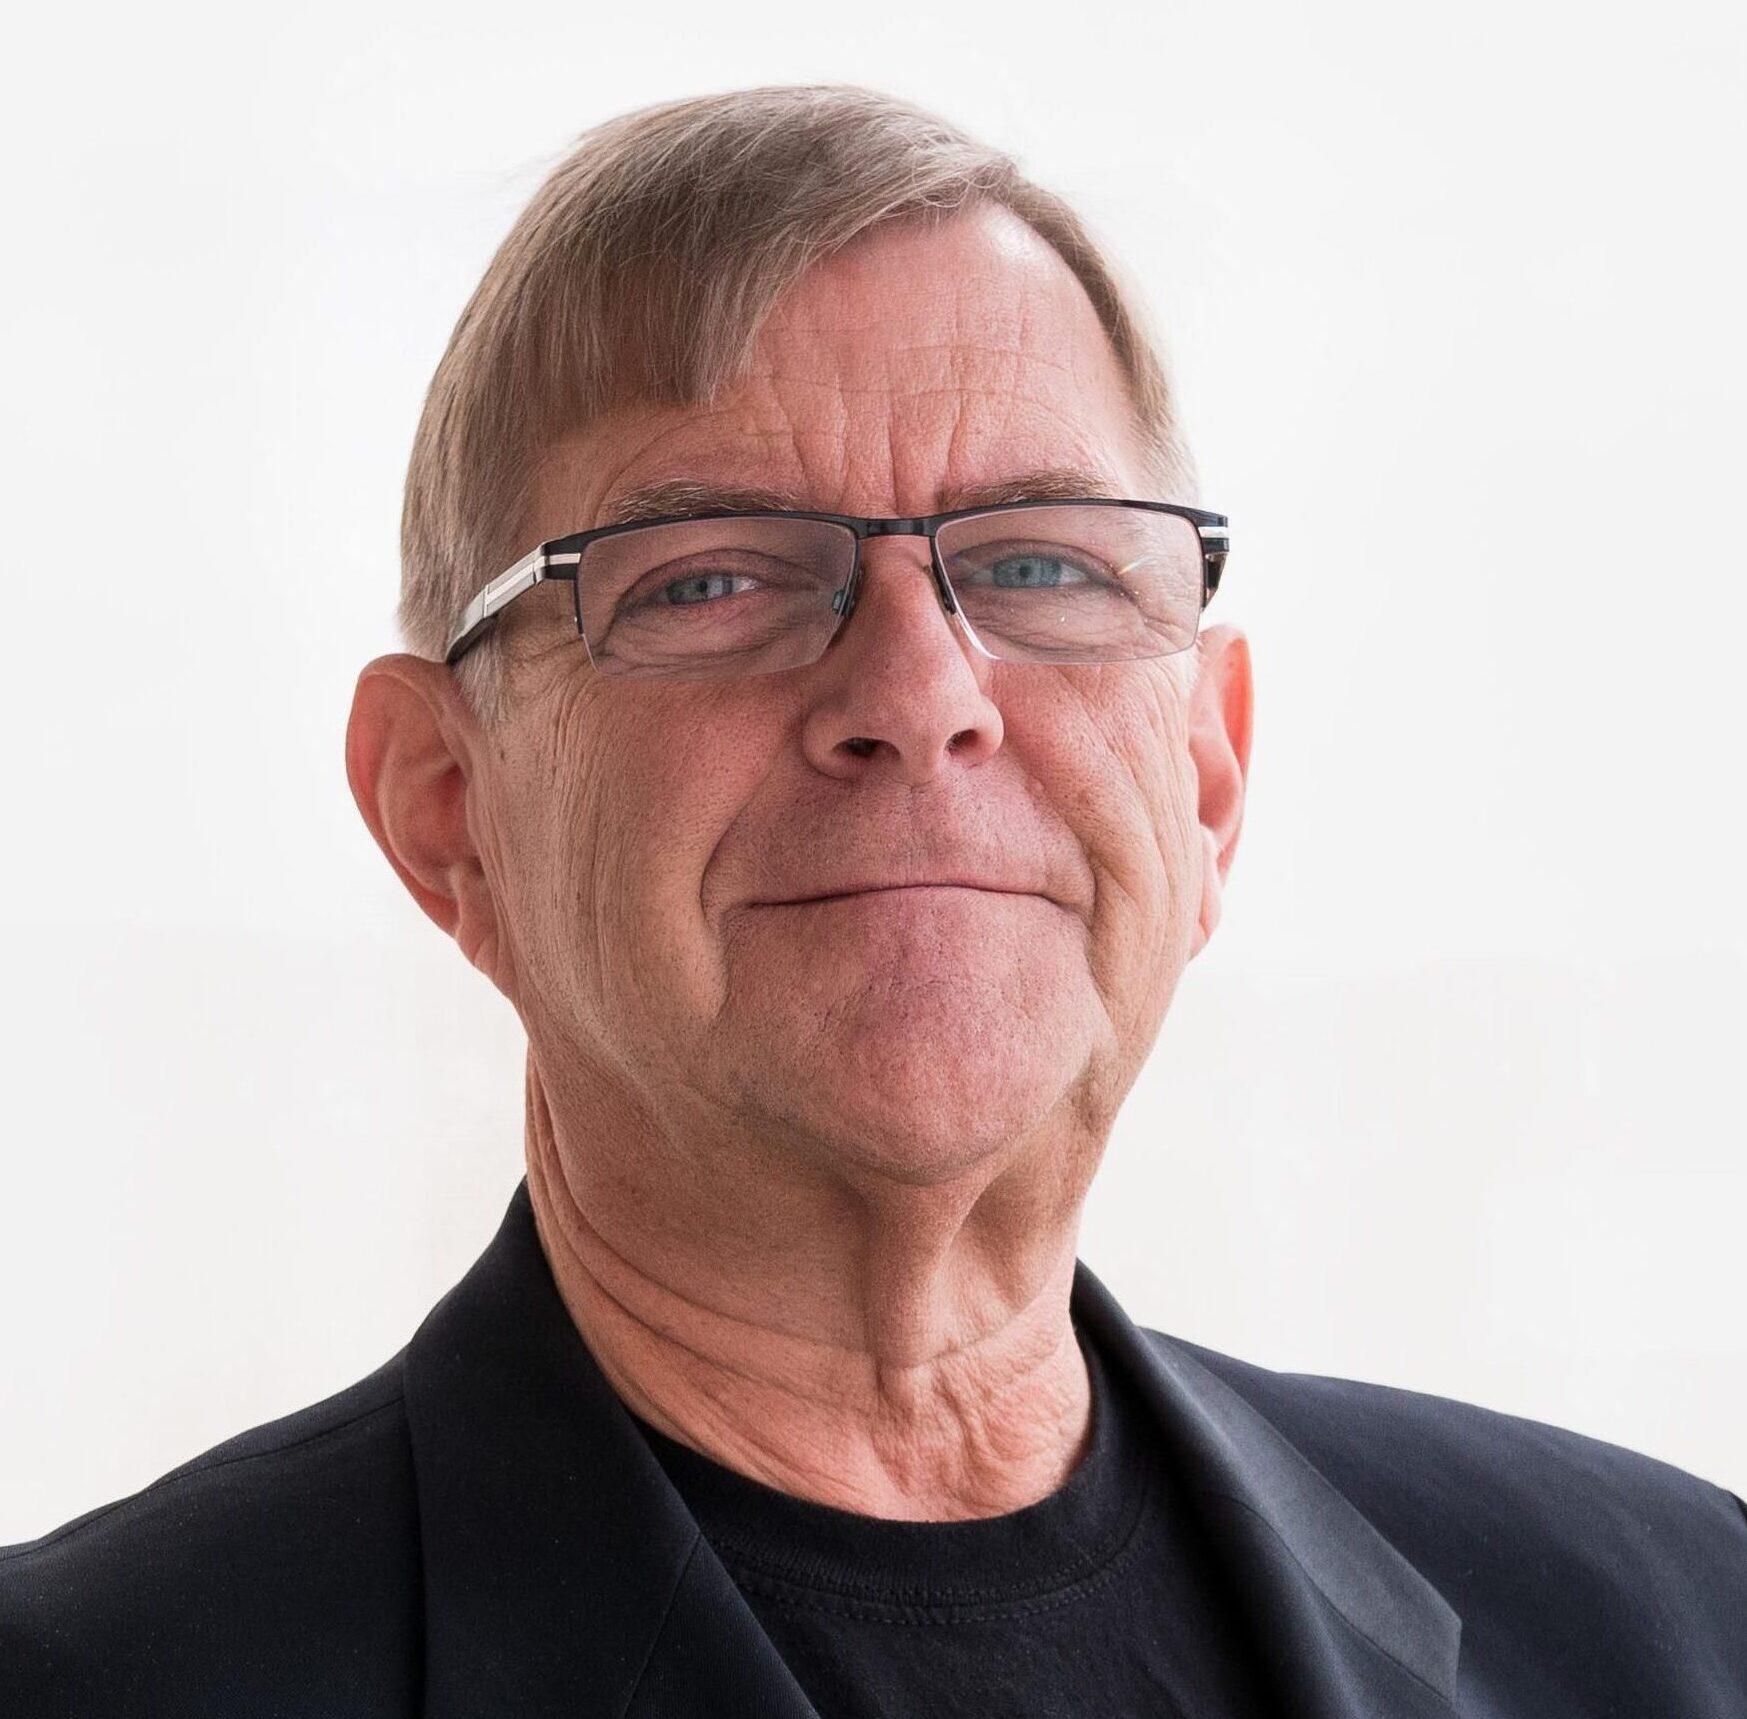 Lasse Reuterberg